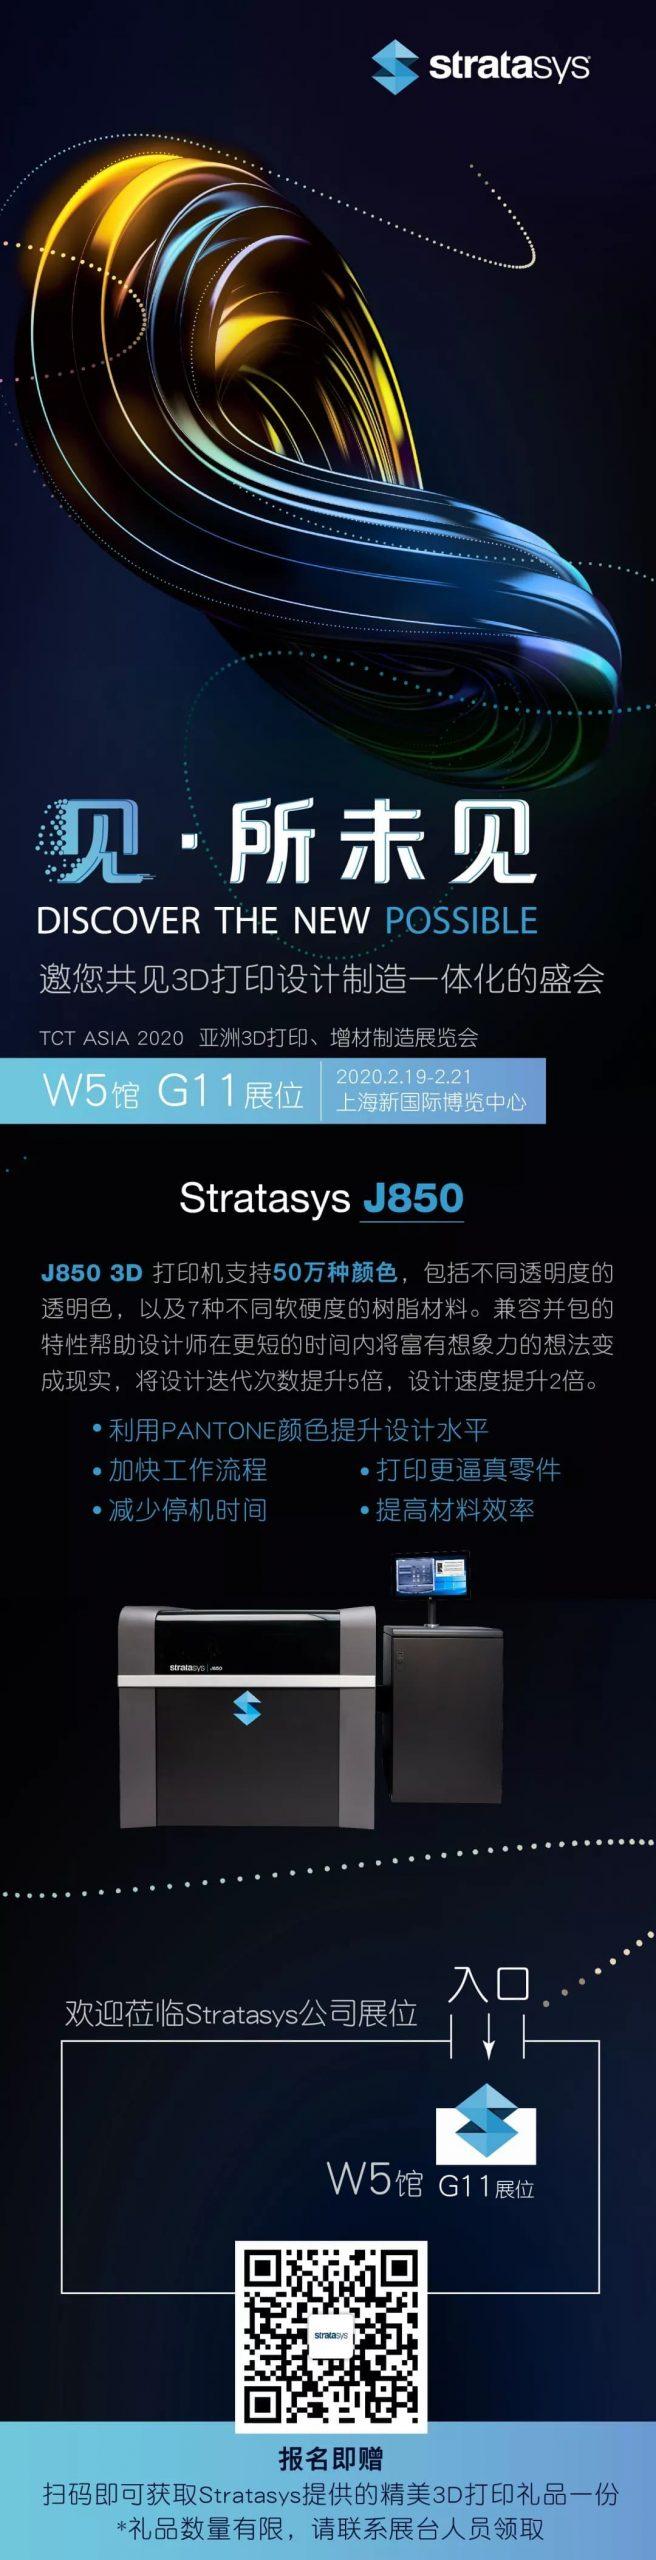 2020年2月19-21日,上海新国际博览中心的W5馆-G11展位